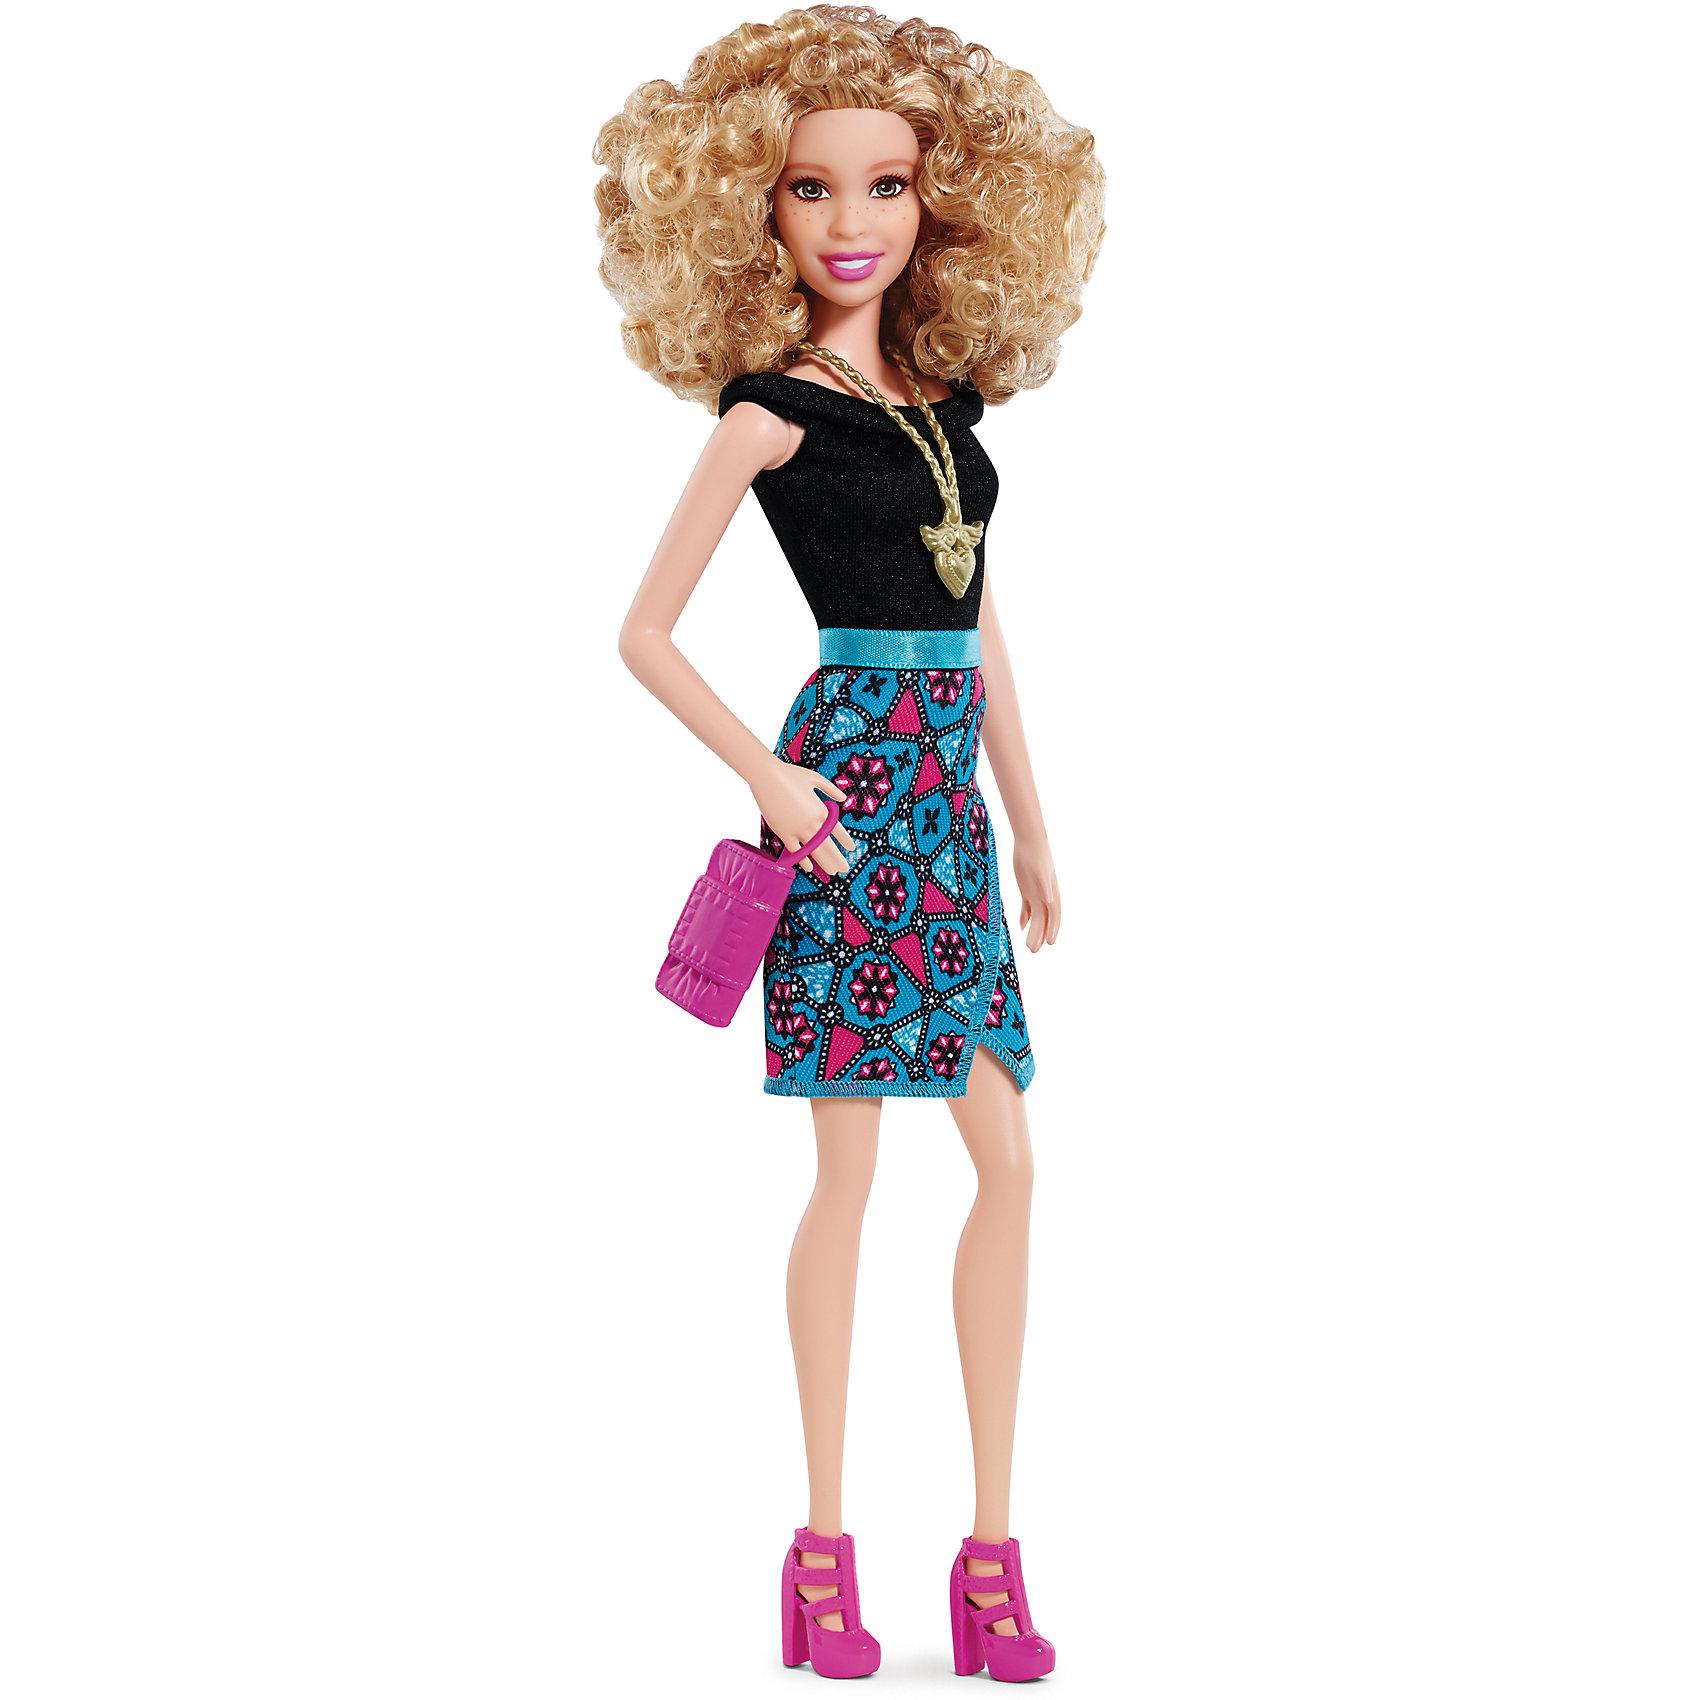 Кукла на гламурной вечеринке, BarbieБарби и ее подруги обожают вечеринки и веселье! Ну а какой же праздник без стильных нарядов? Сногсшибательный наряд и оригинальные аксессуары - все что надо, чтобы оказаться в центре внимания! Волосы куклы мягкие и шелковистые, из них получится множество прекрасных причесок. <br><br>Дополнительная информация:<br><br>- Материал: пластик, текстиль. <br>- Размер: 29 см.<br>- Комплектация: кукла в одежде, аксессуары.<br>- Голова, руки, ноги куклы подвижные.<br><br>Куклу на гламурной вечеринке, Barbie (Барби), можно купить в нашем магазине.<br><br>Ширина мм: 115<br>Глубина мм: 60<br>Высота мм: 325<br>Вес г: 273<br>Возраст от месяцев: 36<br>Возраст до месяцев: 72<br>Пол: Женский<br>Возраст: Детский<br>SKU: 4557602